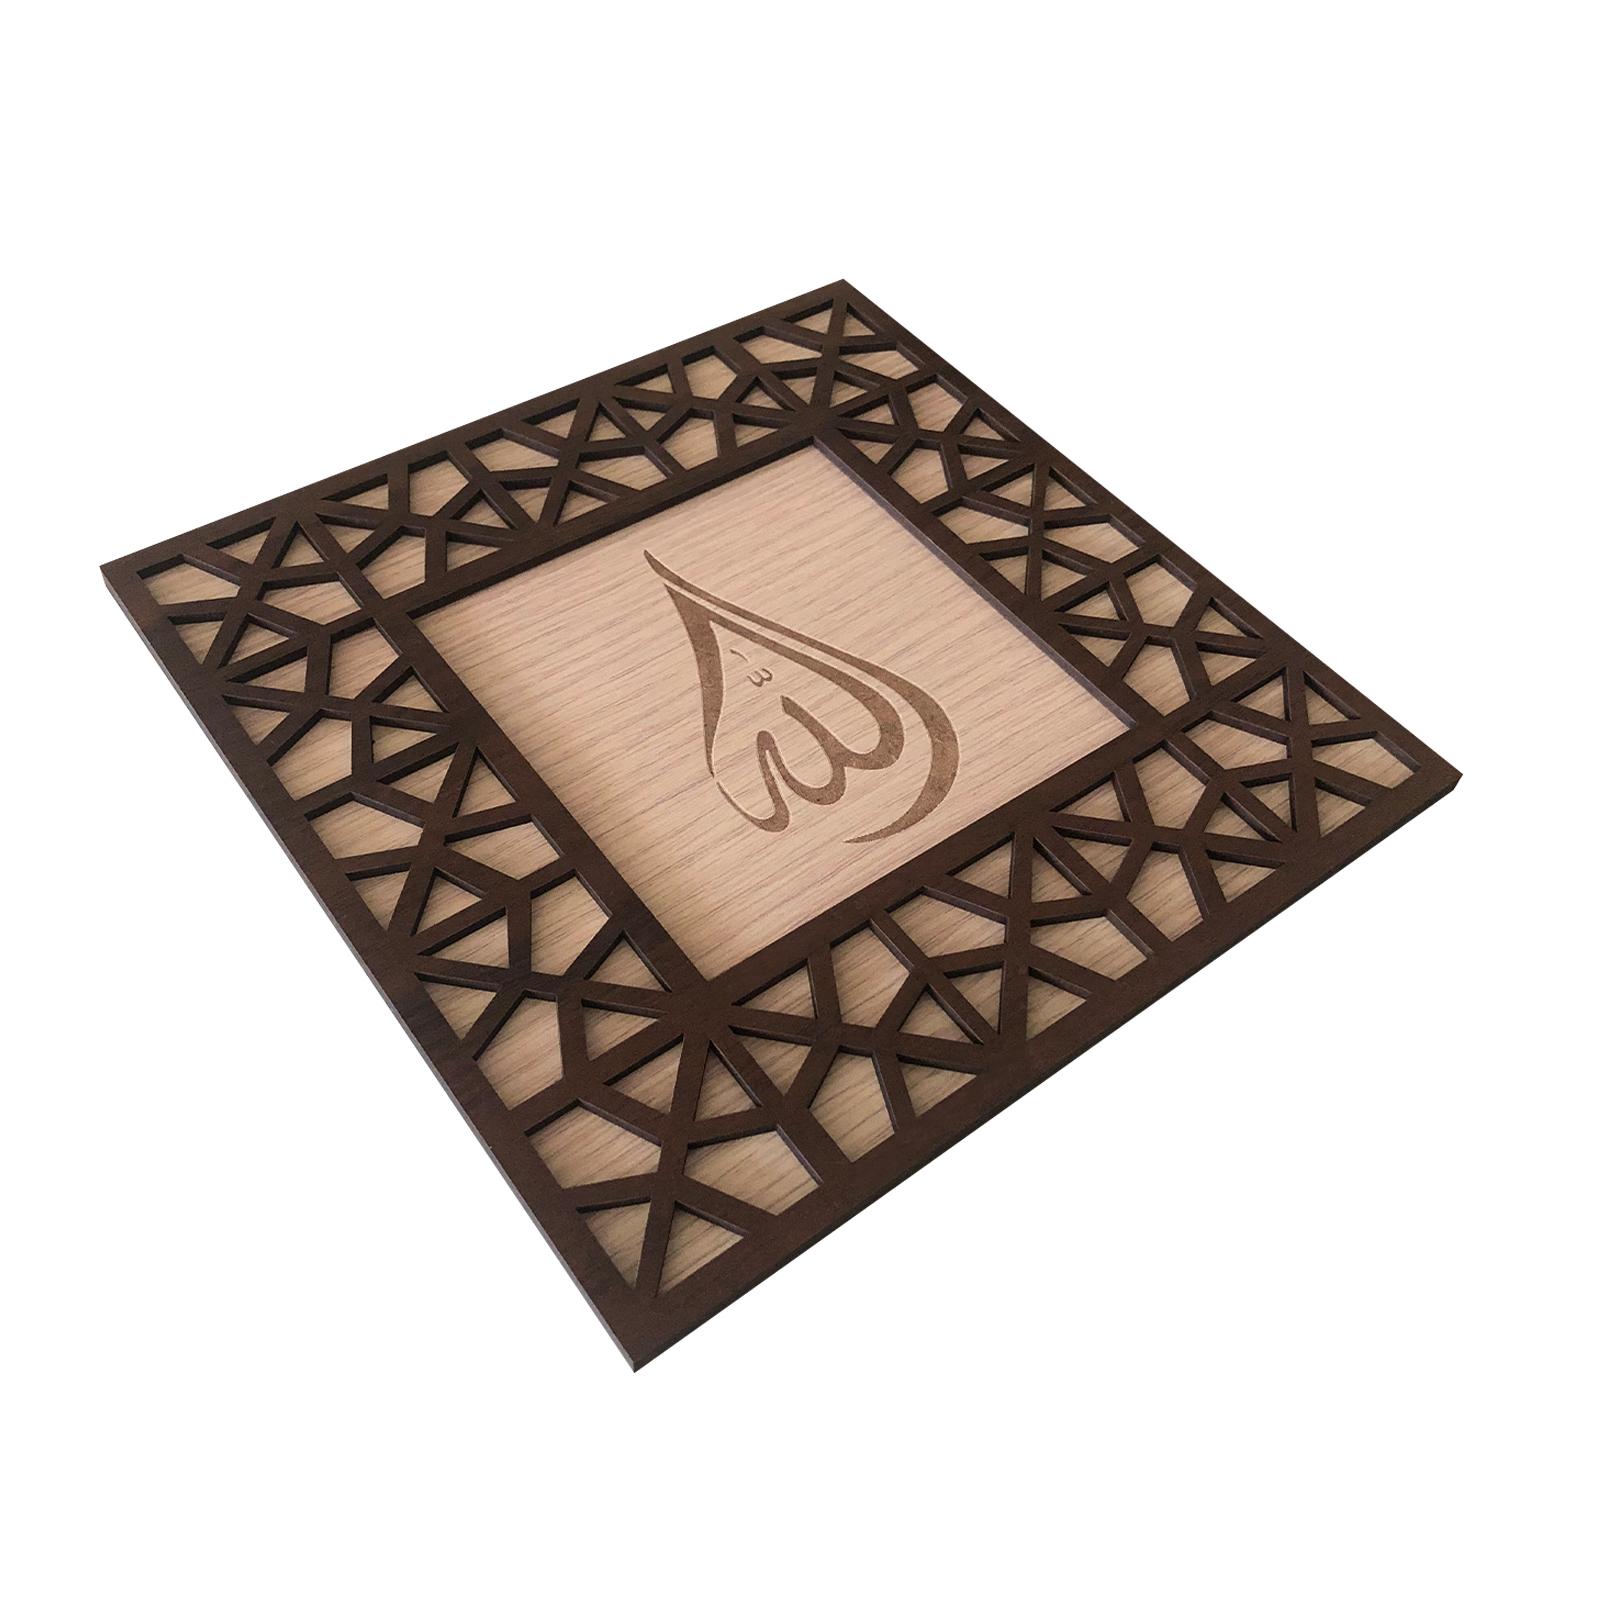 خرید                      تابلو چوبی طرح الله مدل دل نوشته کد ta5